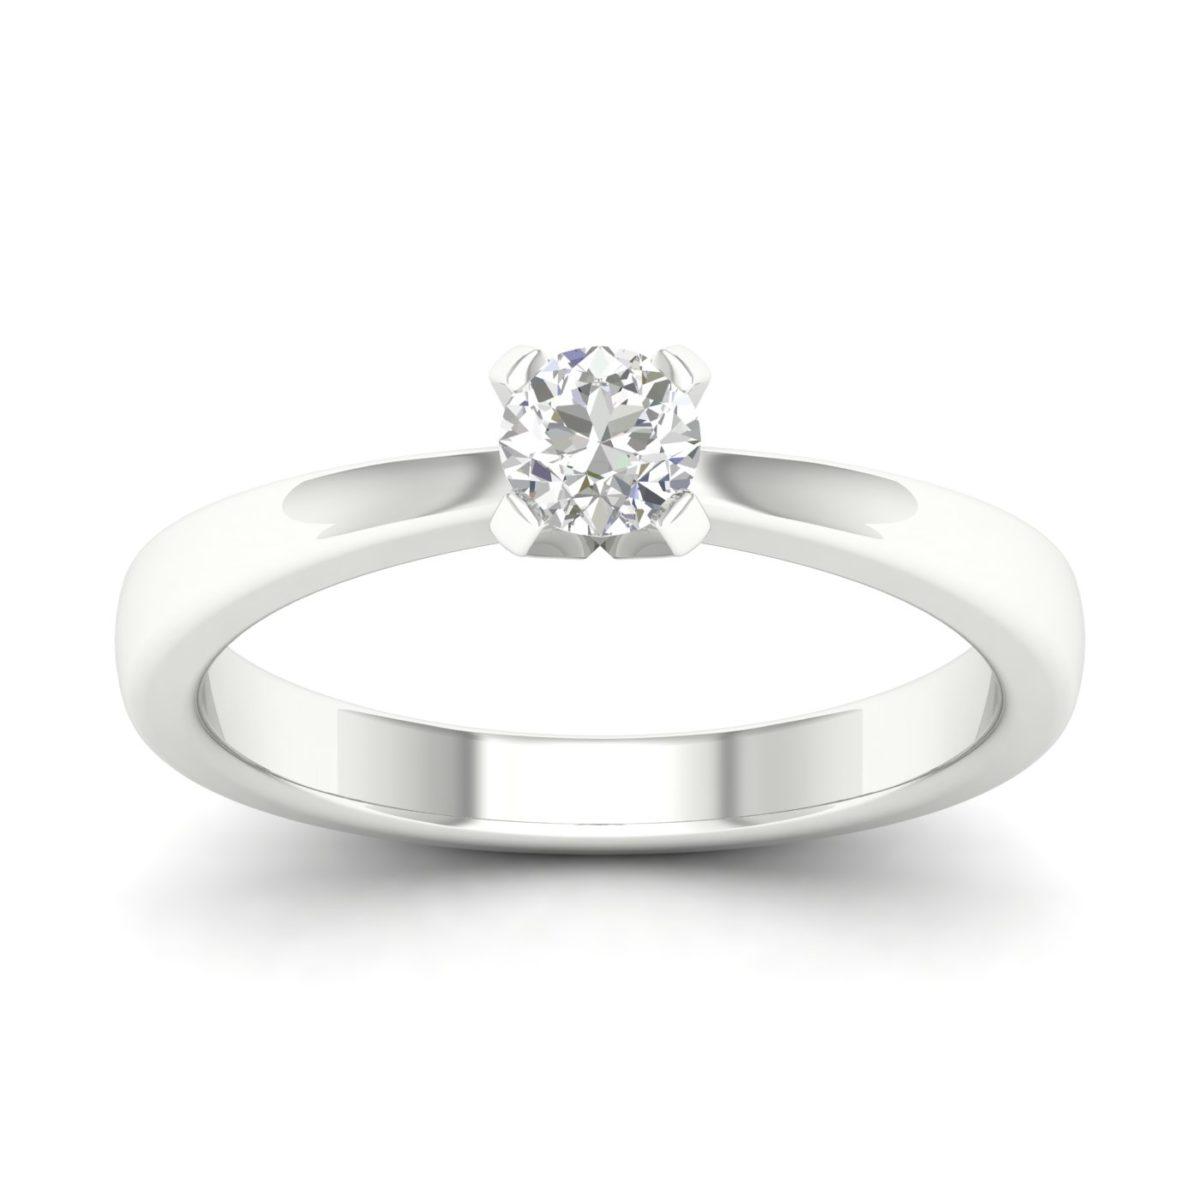 Kullast sõrmus teemantiga 0,20 ct. Kood: 31hb